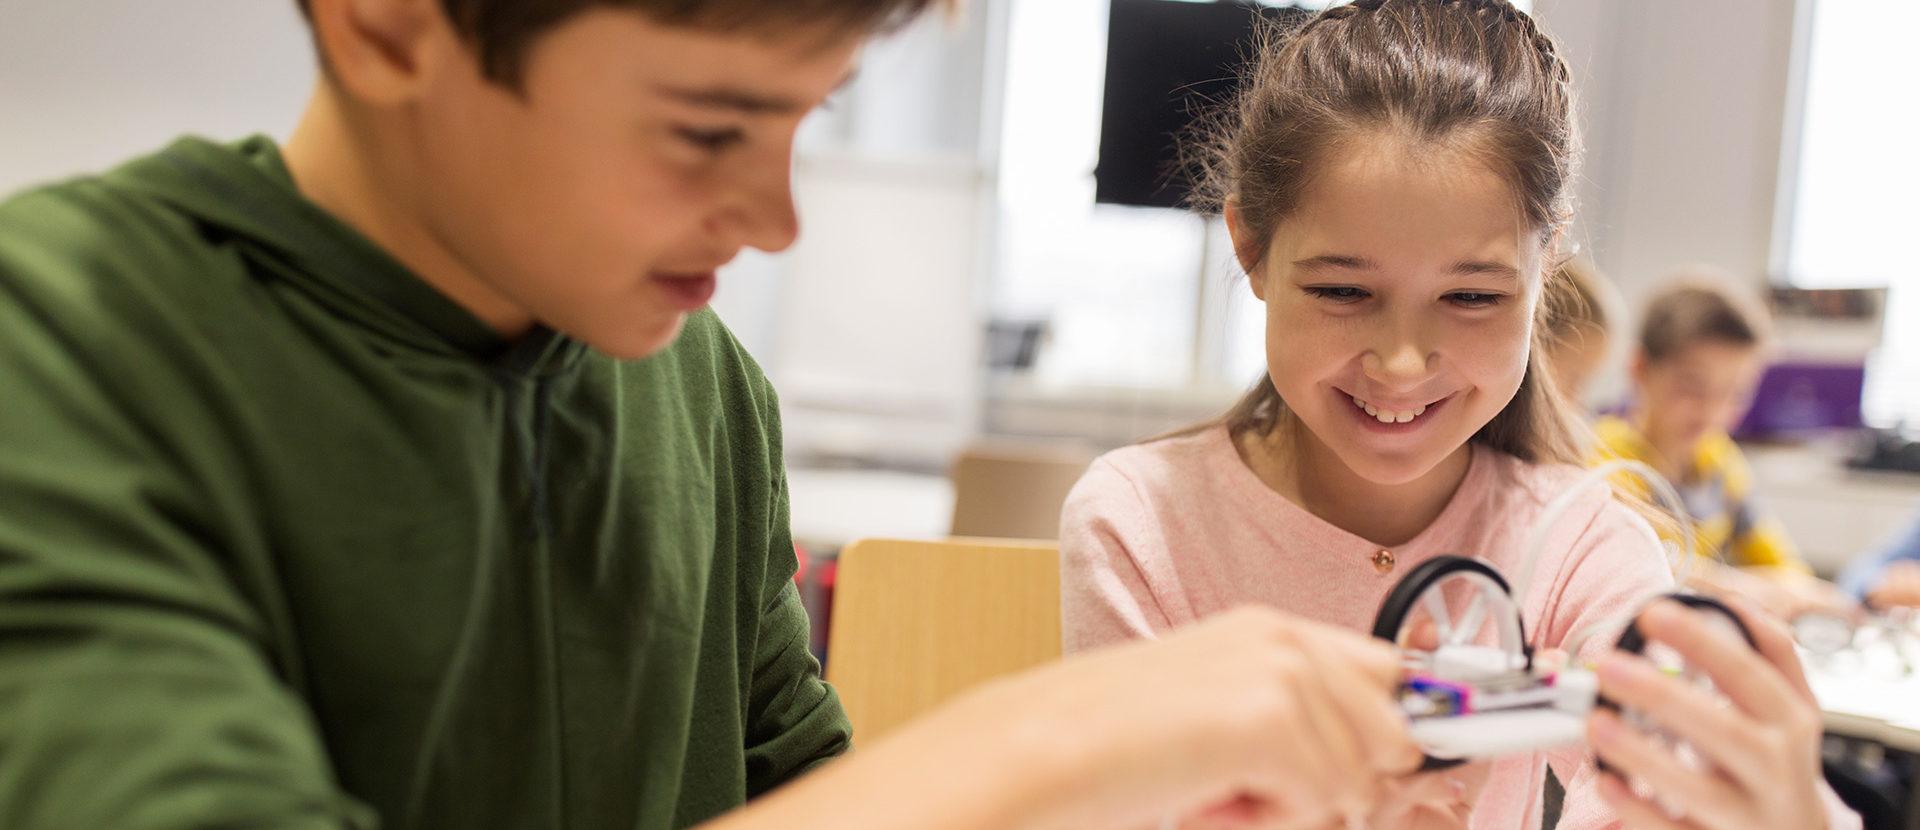 Diário de Inovações 2018 traz práticas inovadoras em educação